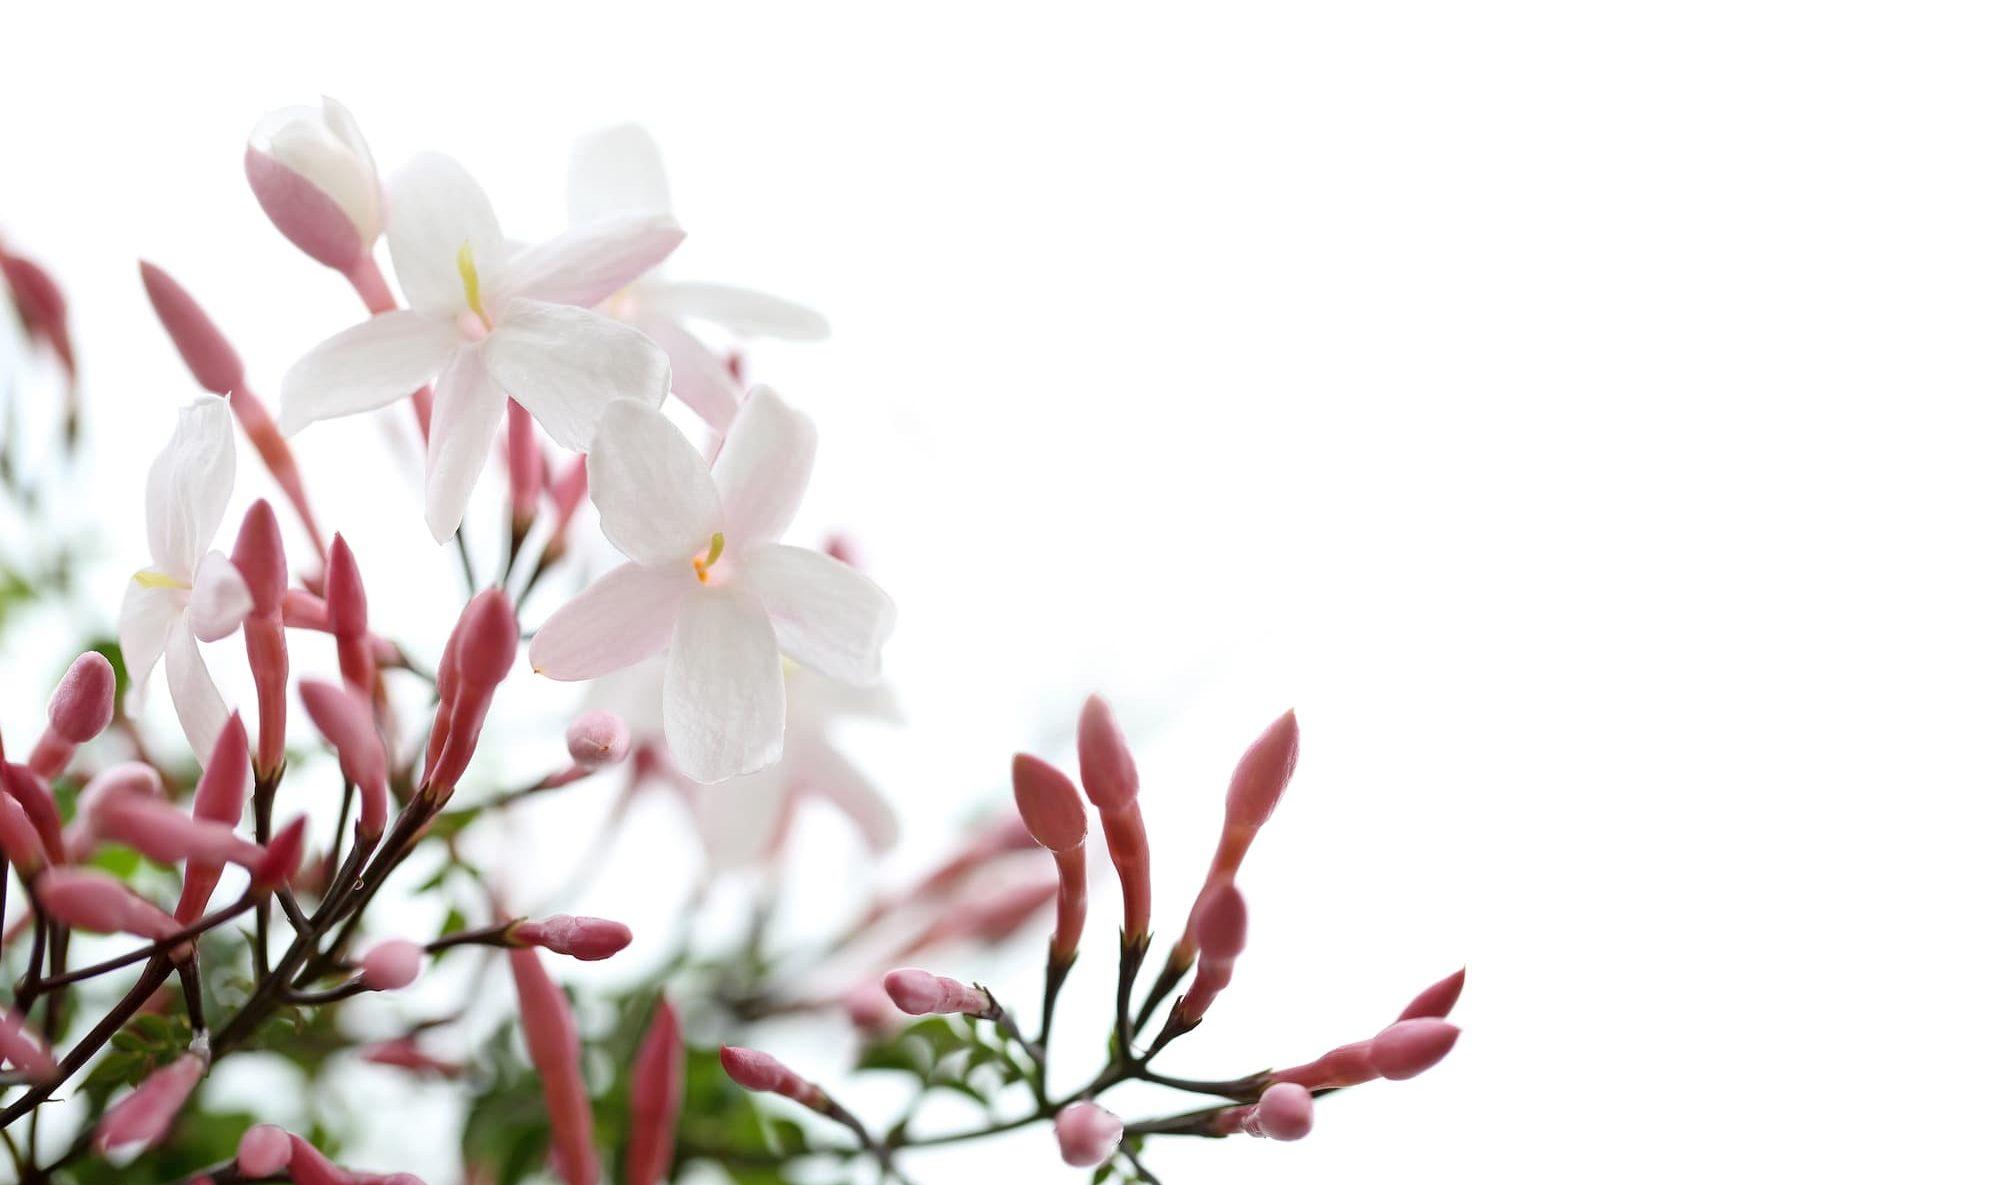 花にいろいろな 色や形がある理由